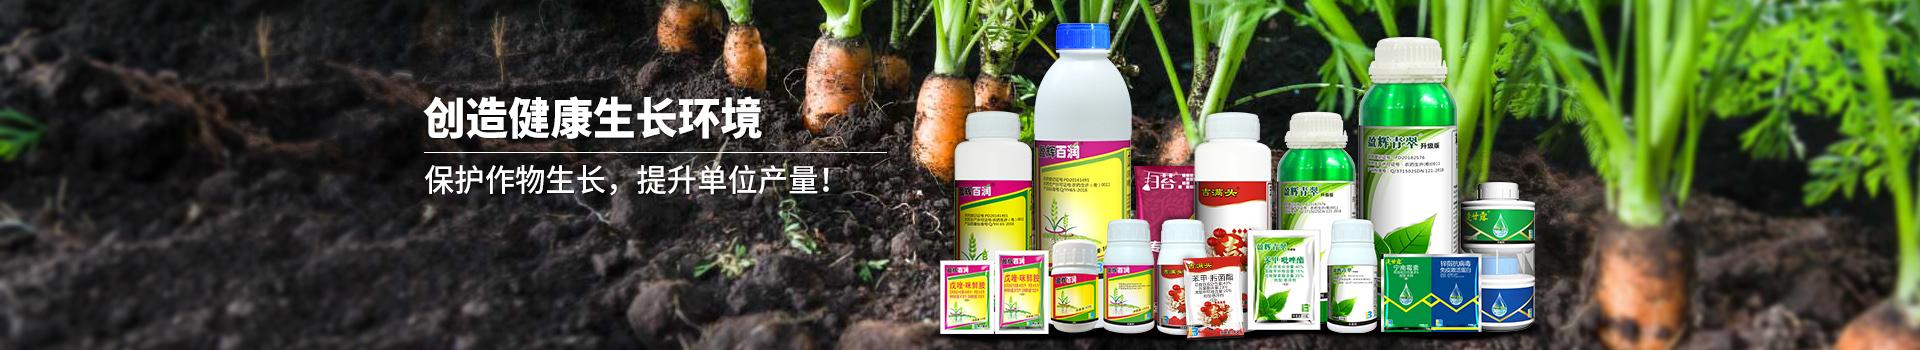 杀菌剂-创造健康生长环境